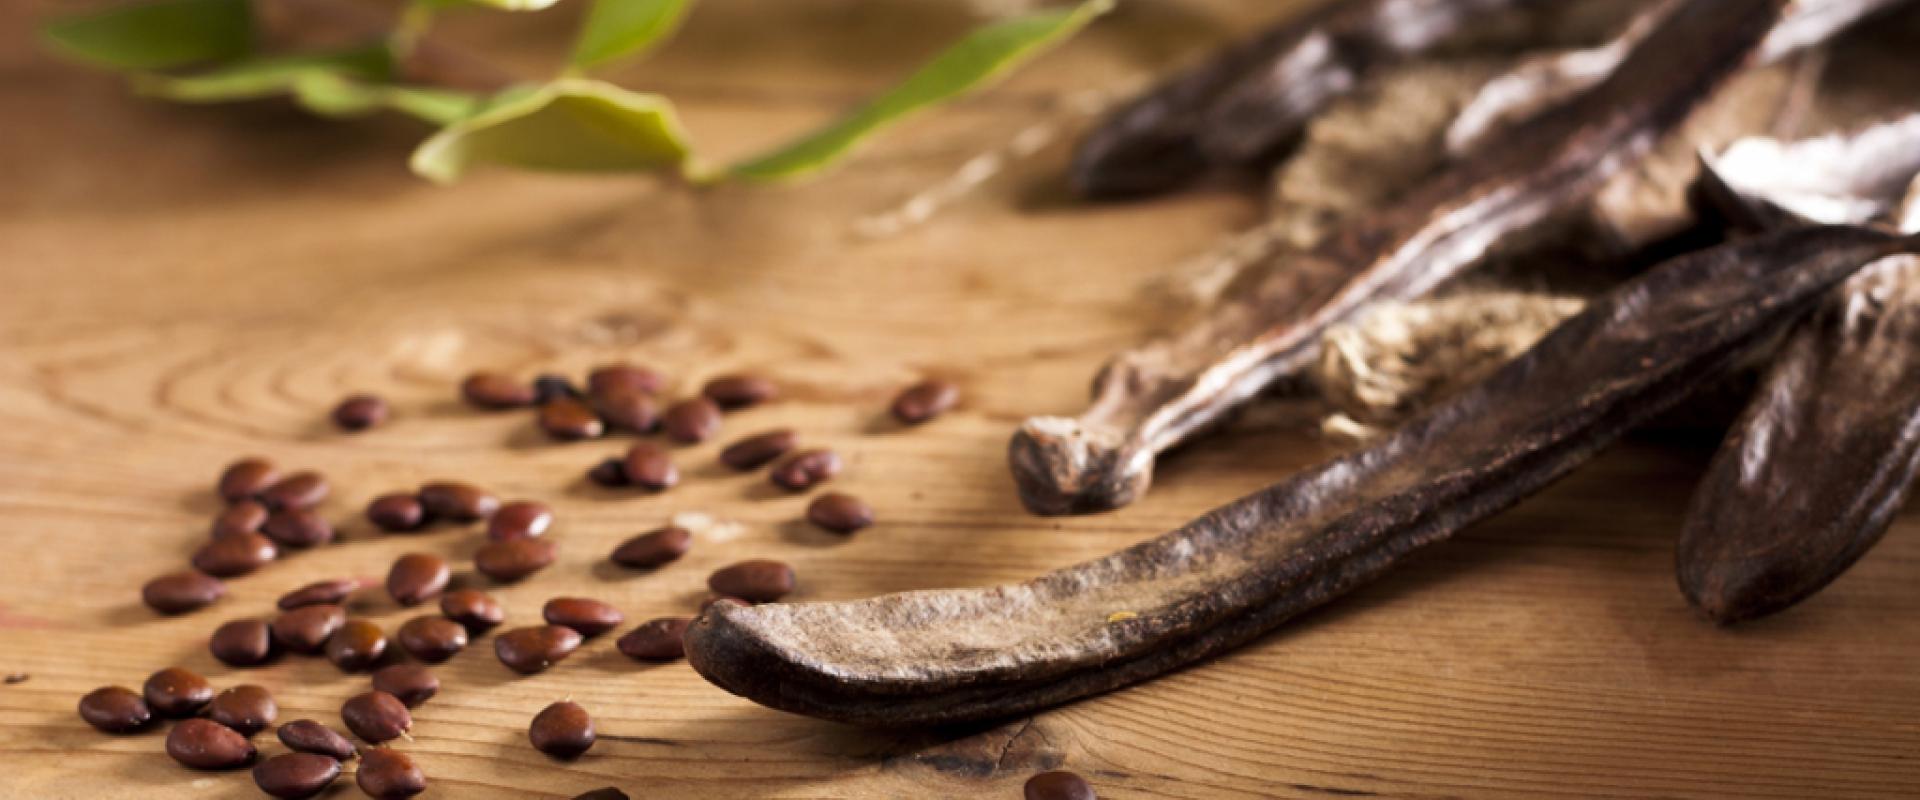 кофе из плодов рожкового дерева полезные свойства и противопоказания